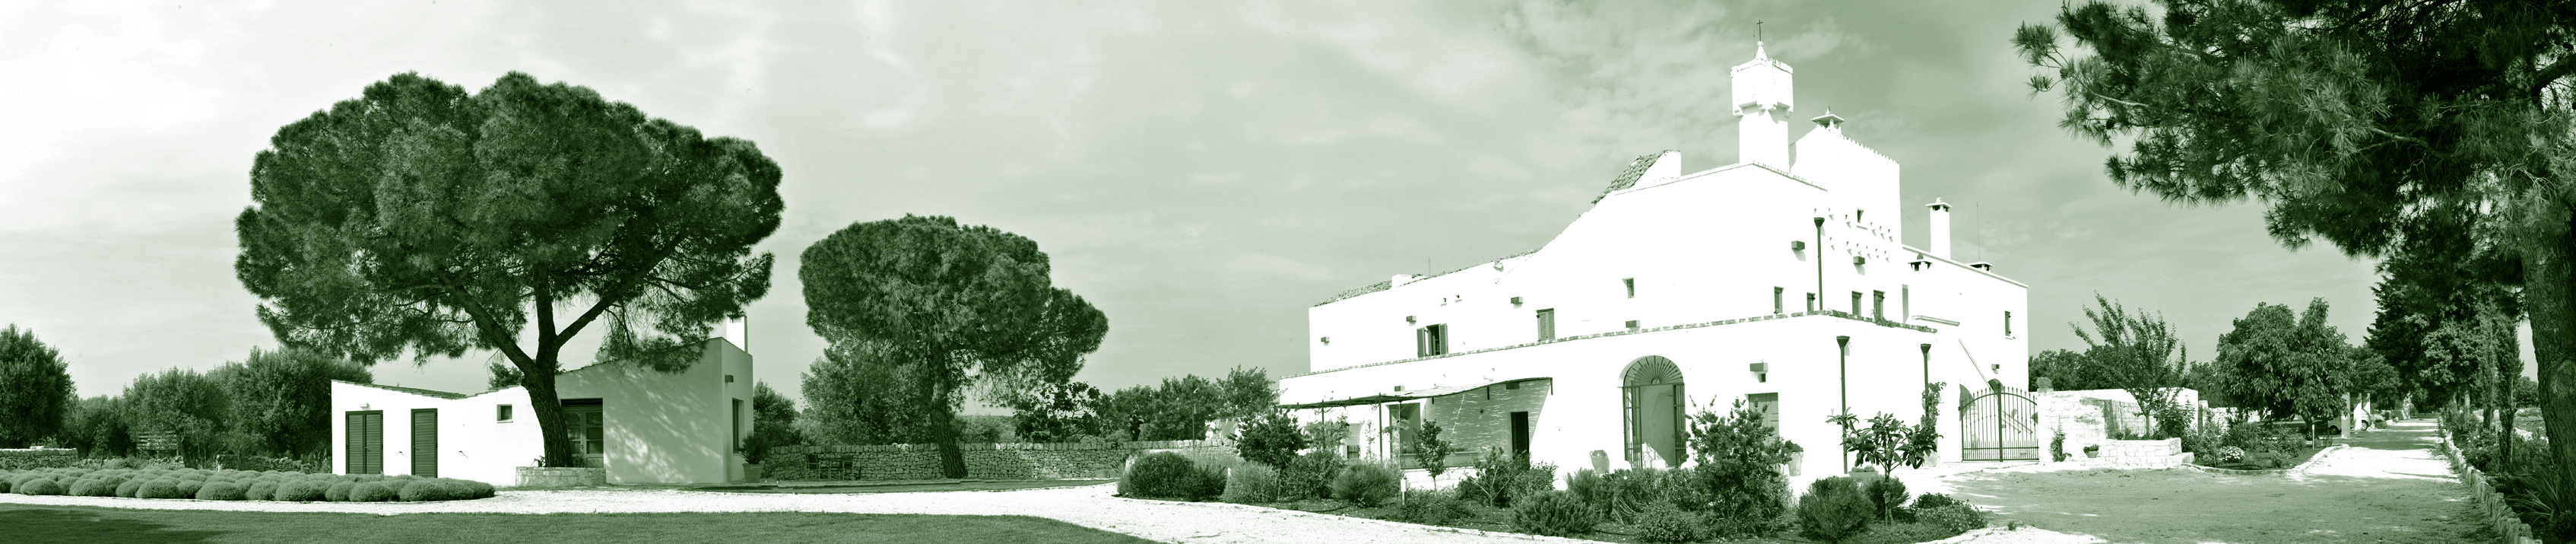 Our wedding in Puglia, Italy at the Masseria Della Zingara